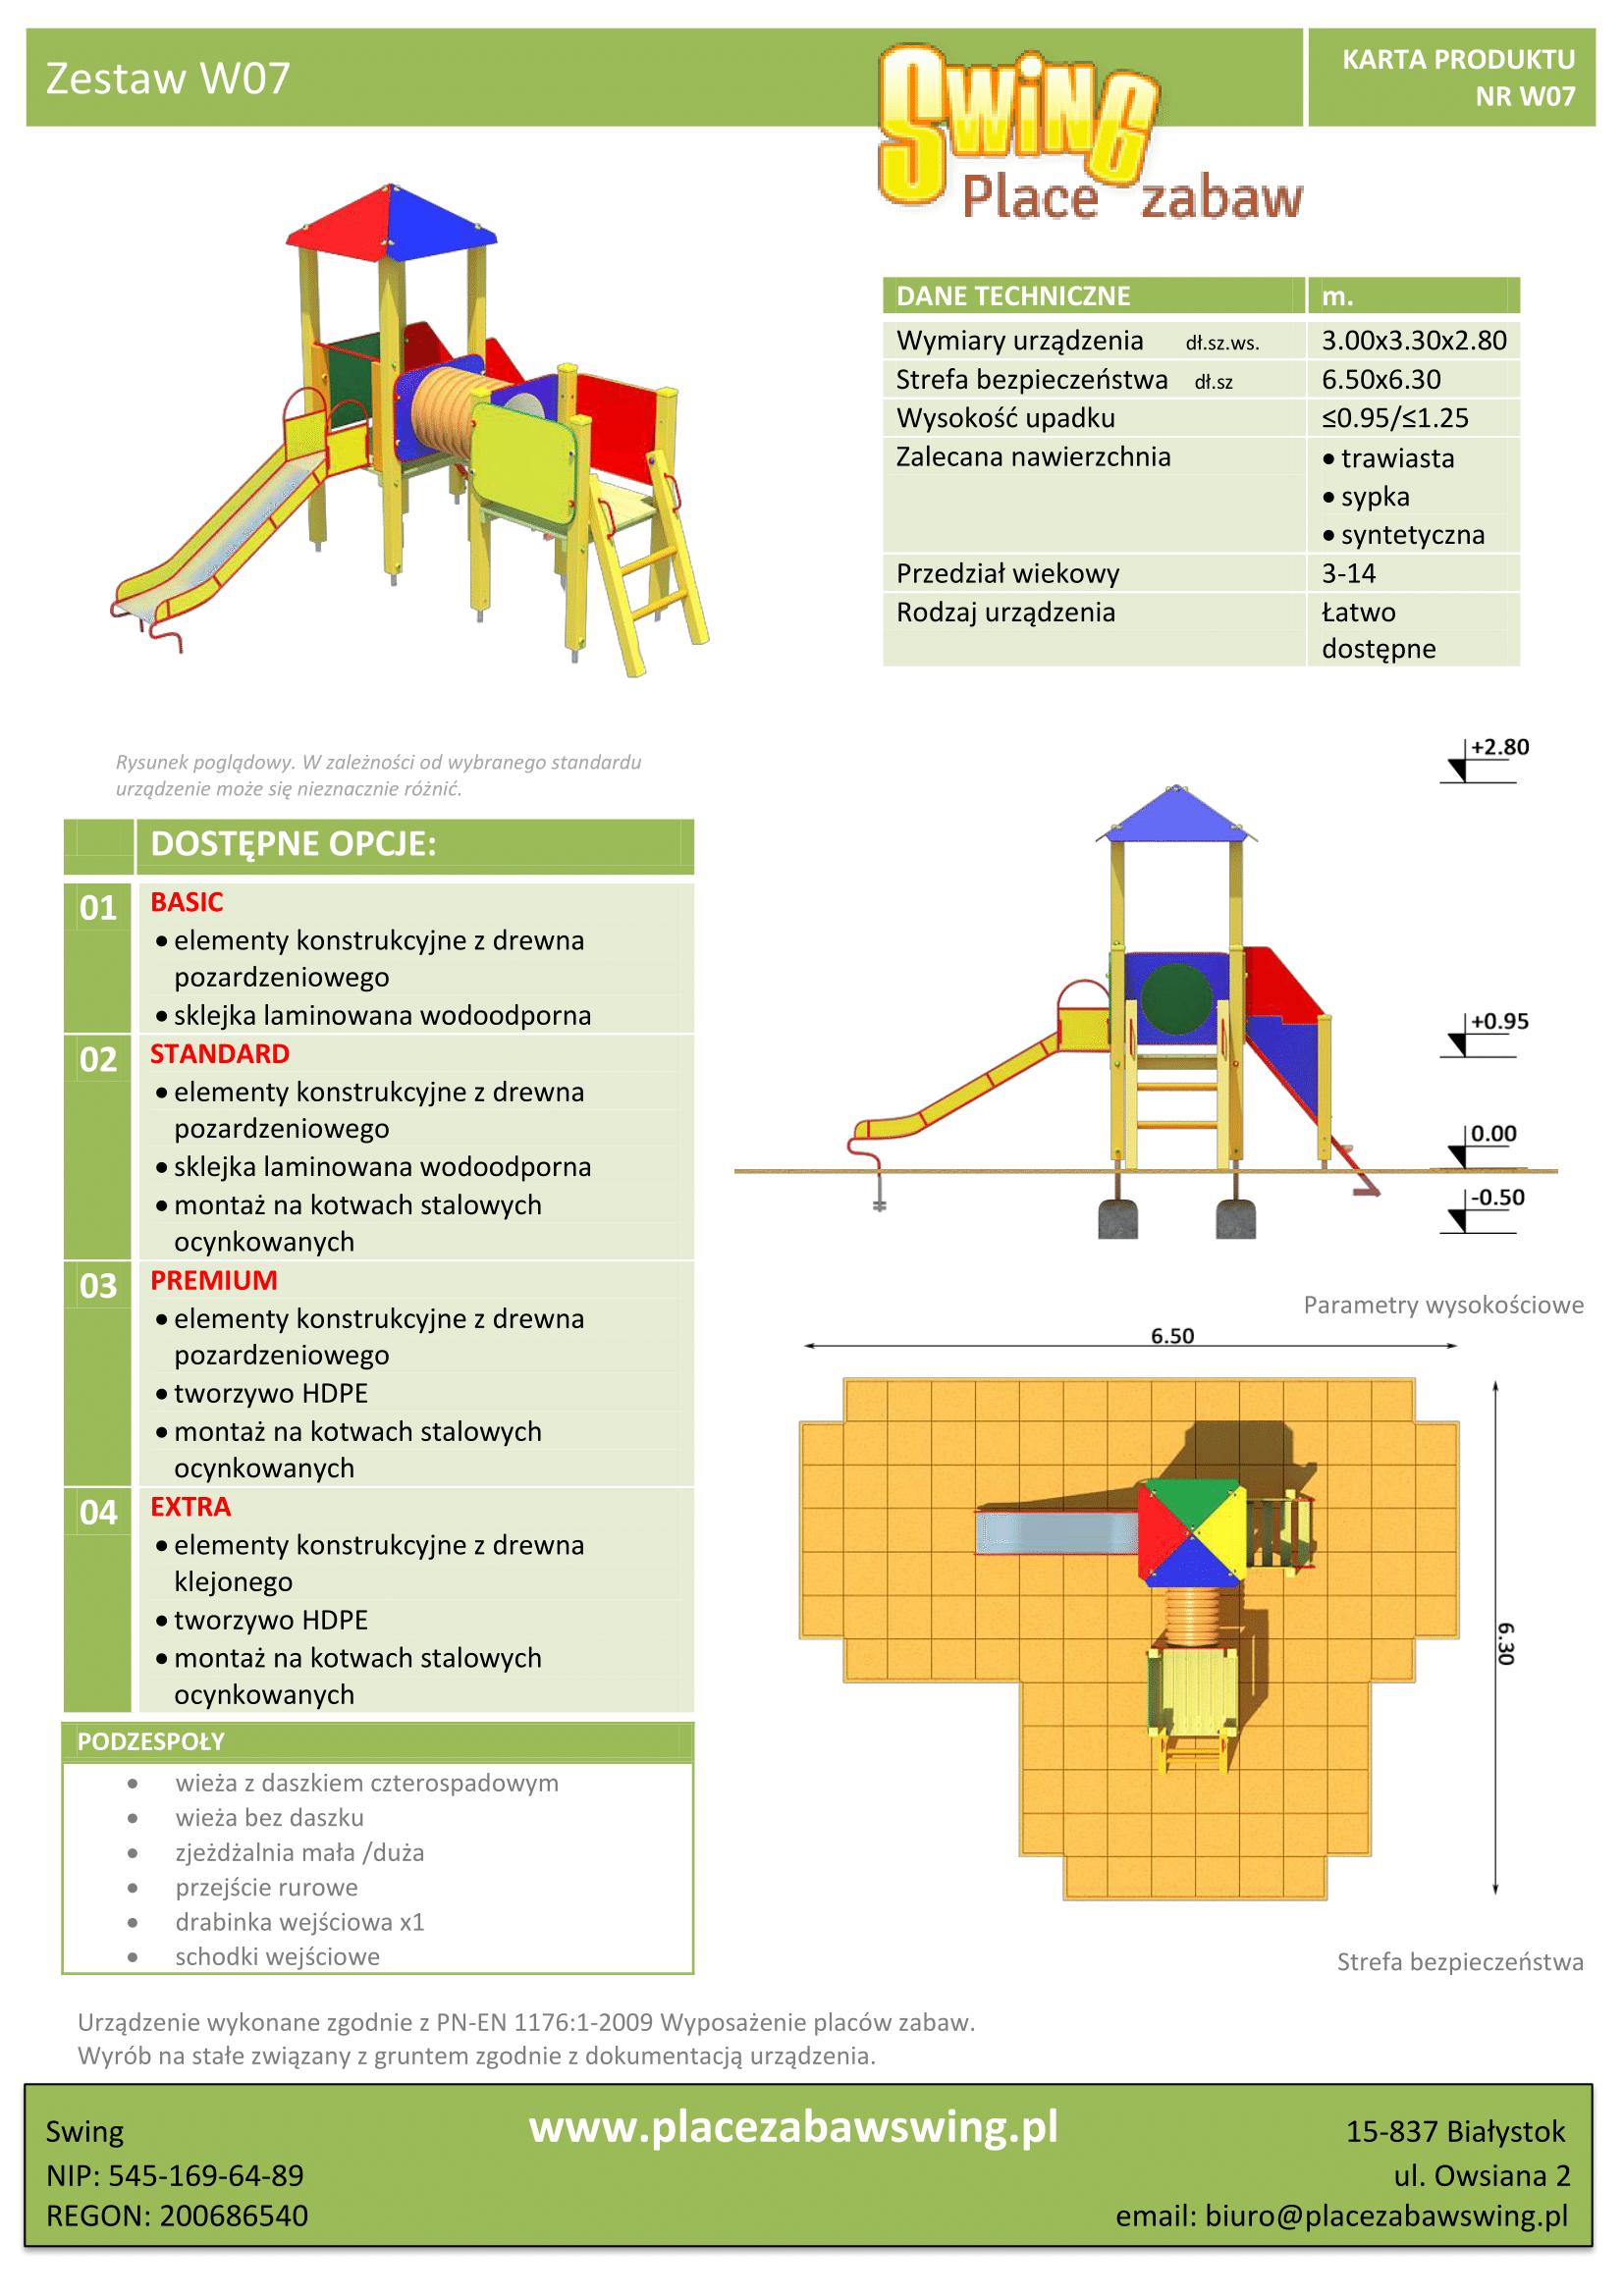 Zestaw wieżowy